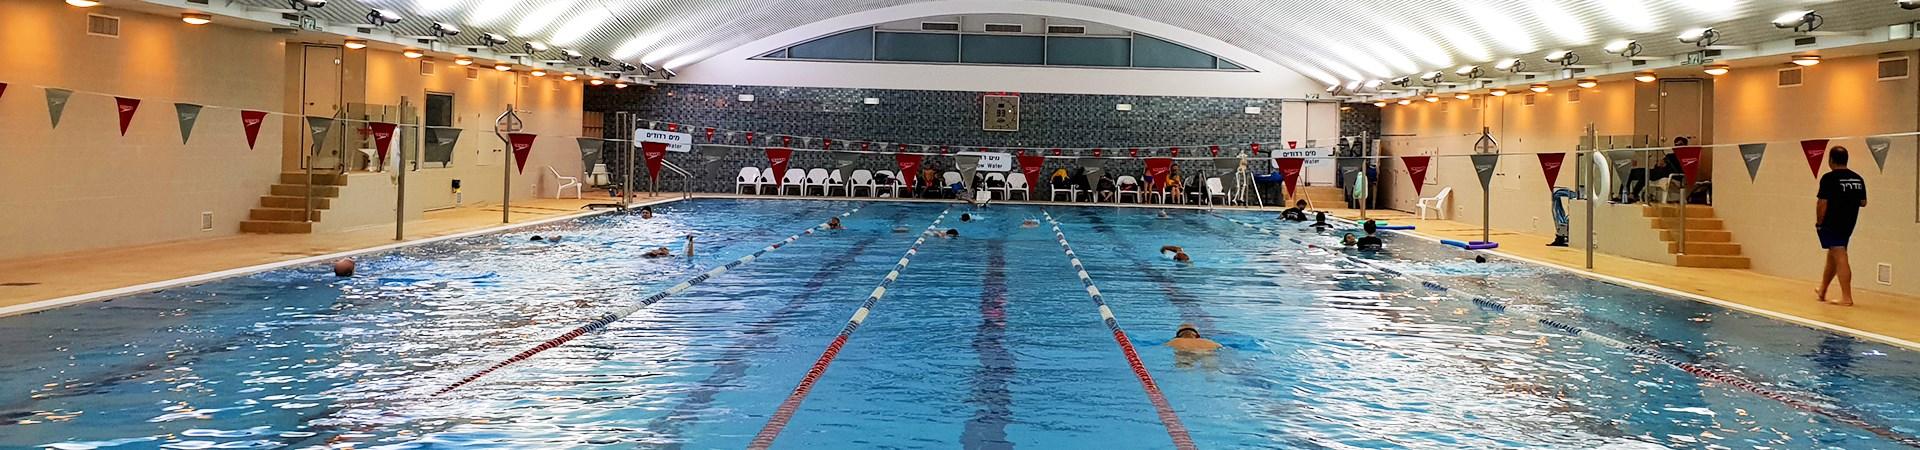 The Safra Sports Center